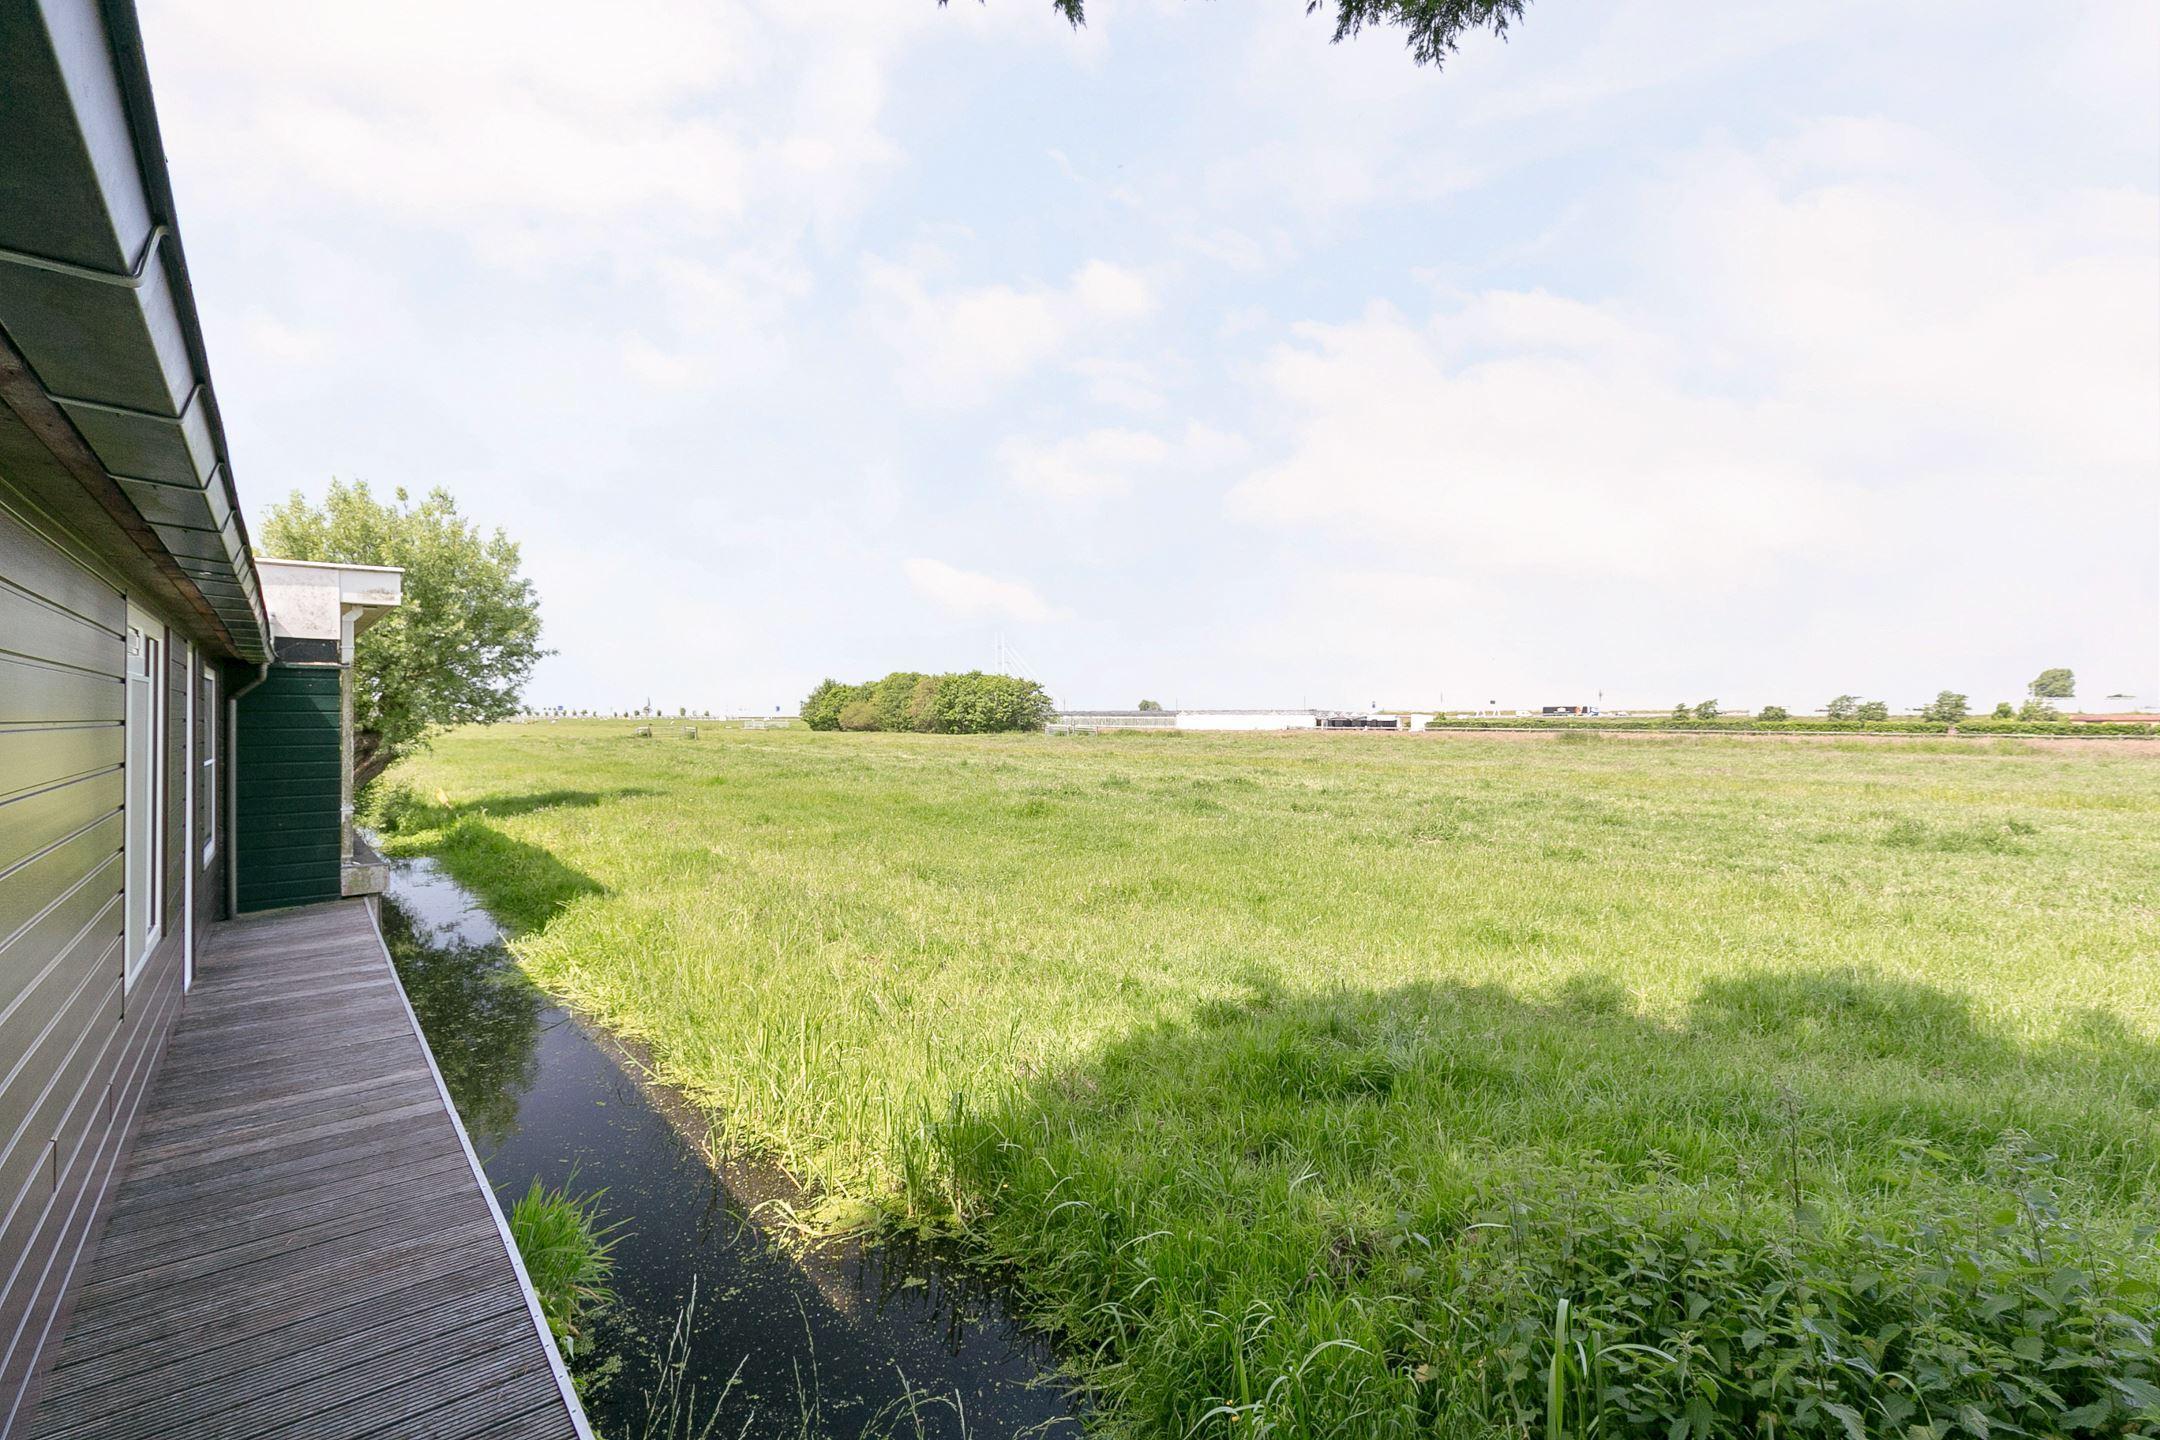 Kaag en Braassem pakt te grote recreatiewoningen in het weidse polderland aan